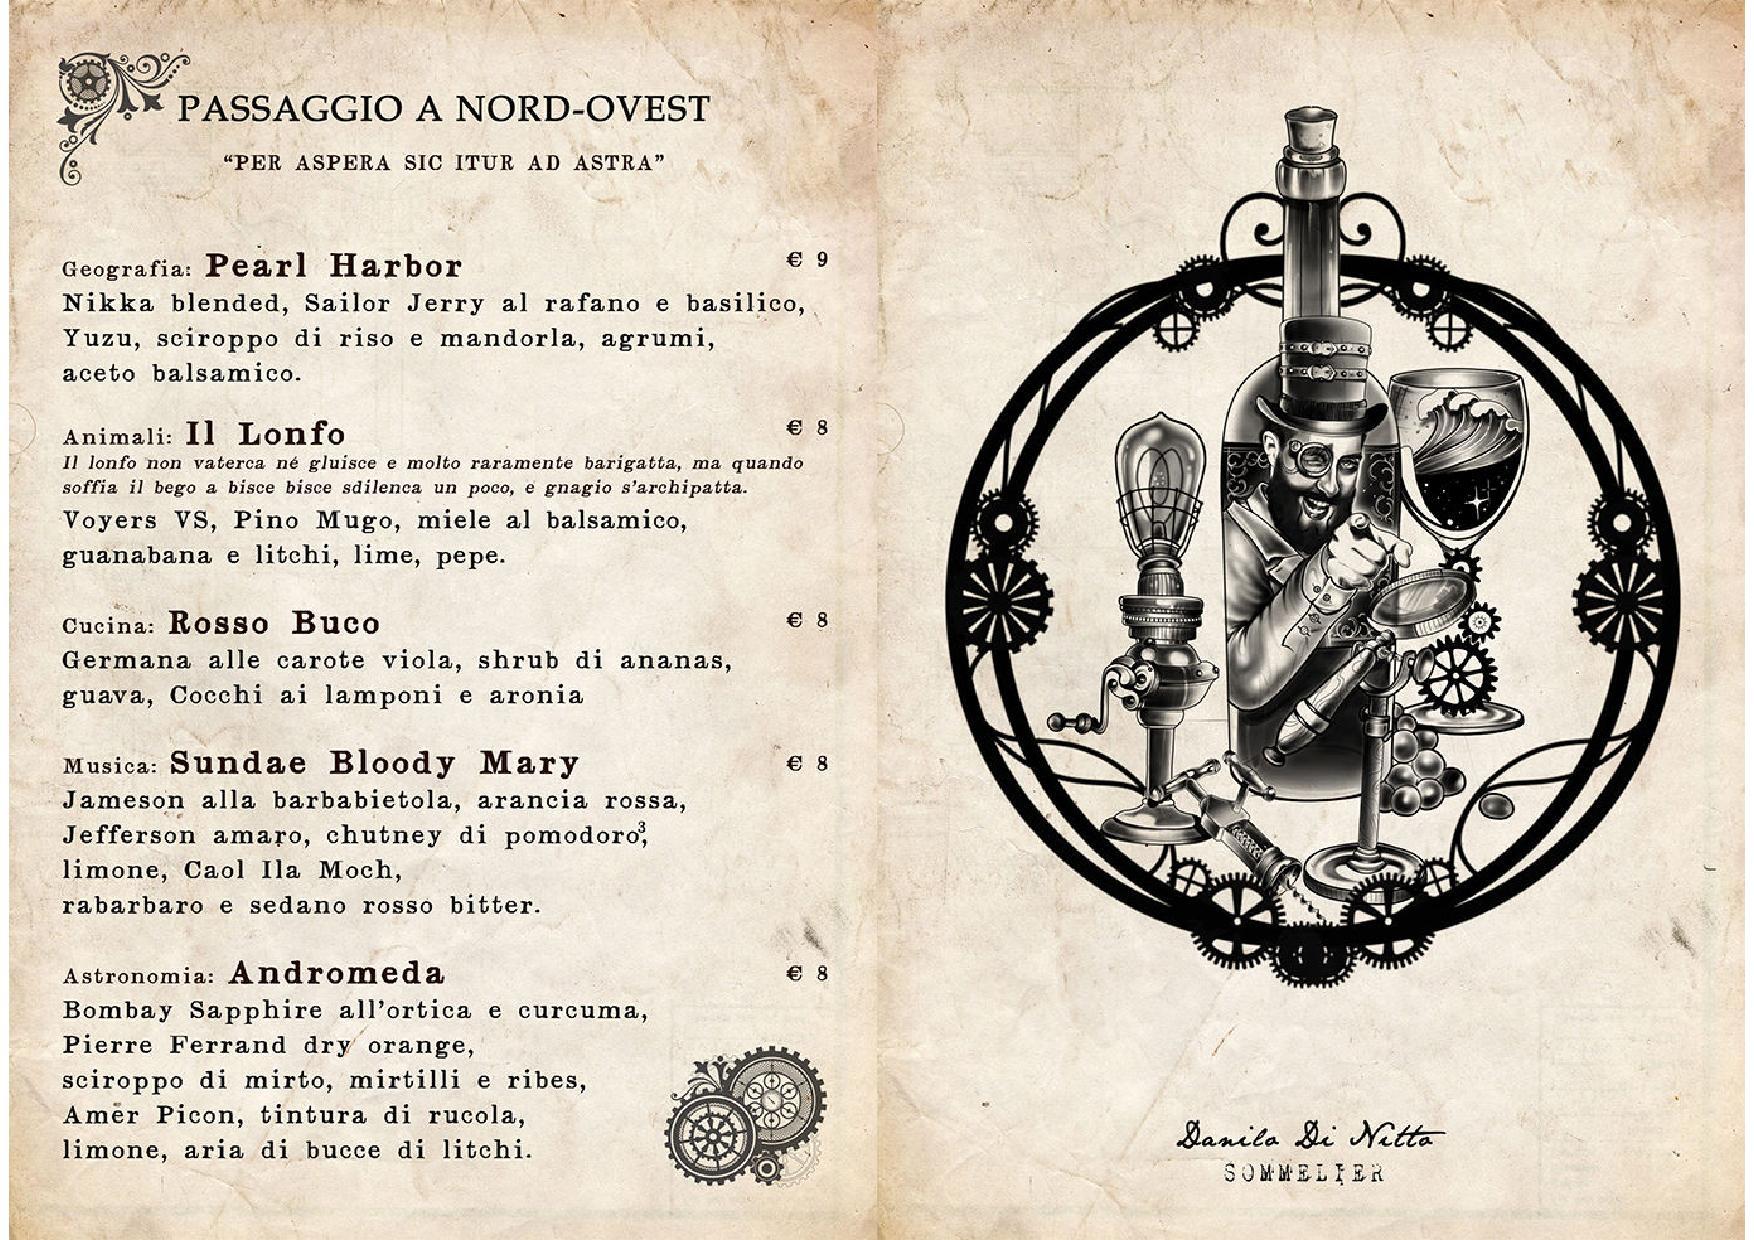 Almanacco dei Cocktails 2018-2019 by Fabio Camboni-page-006